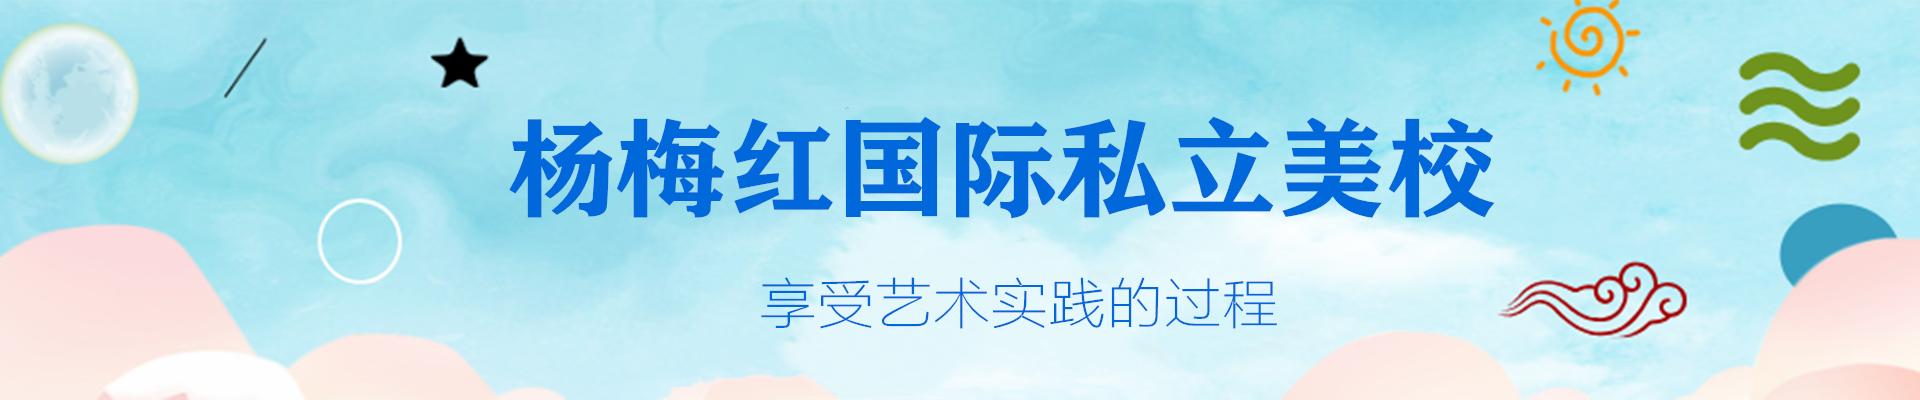 深圳丹竹头杨梅红国际私立美校